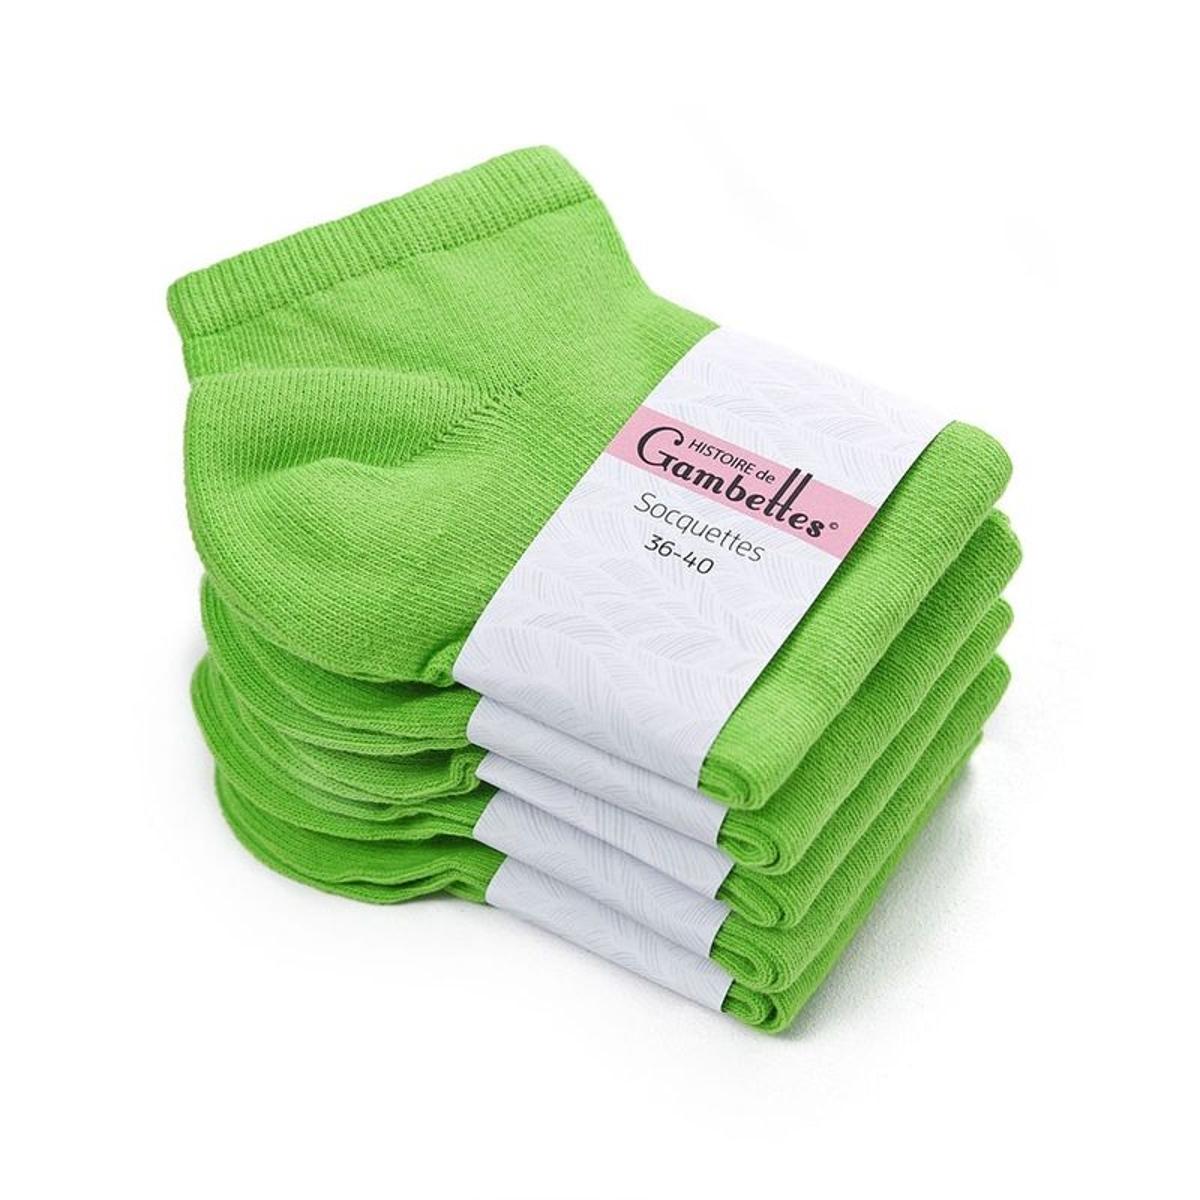 Socquettes Femme coton Vert Prairie (Lot de 5) - Fabriqué en europe